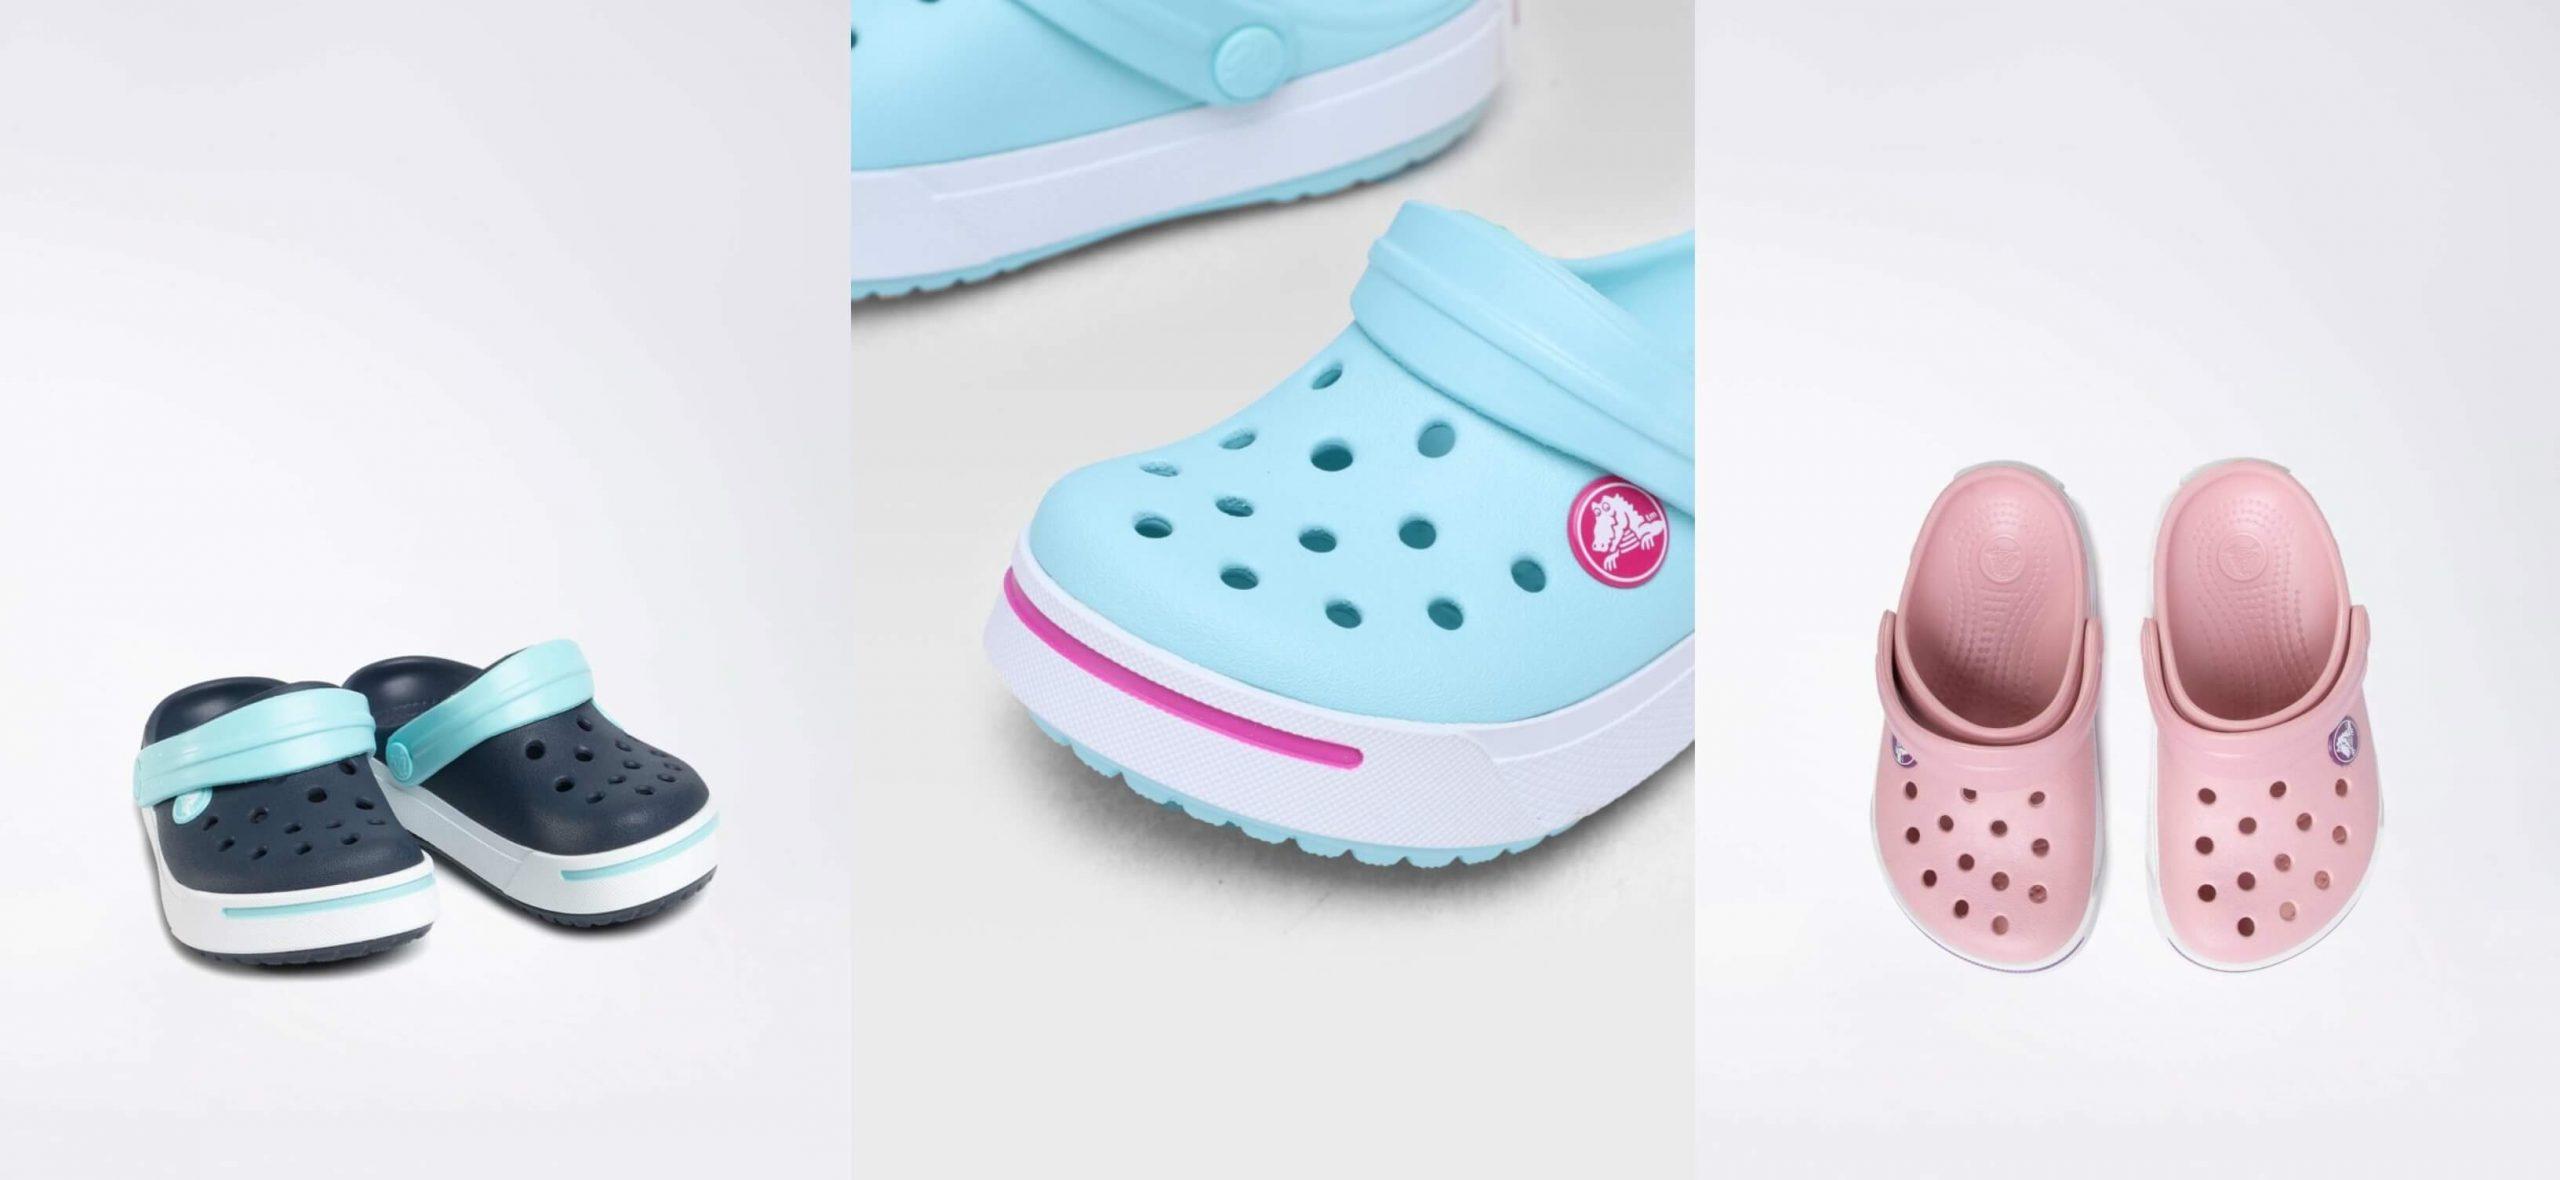 Pantofii perfecți pentru vară de la Crocs (P)